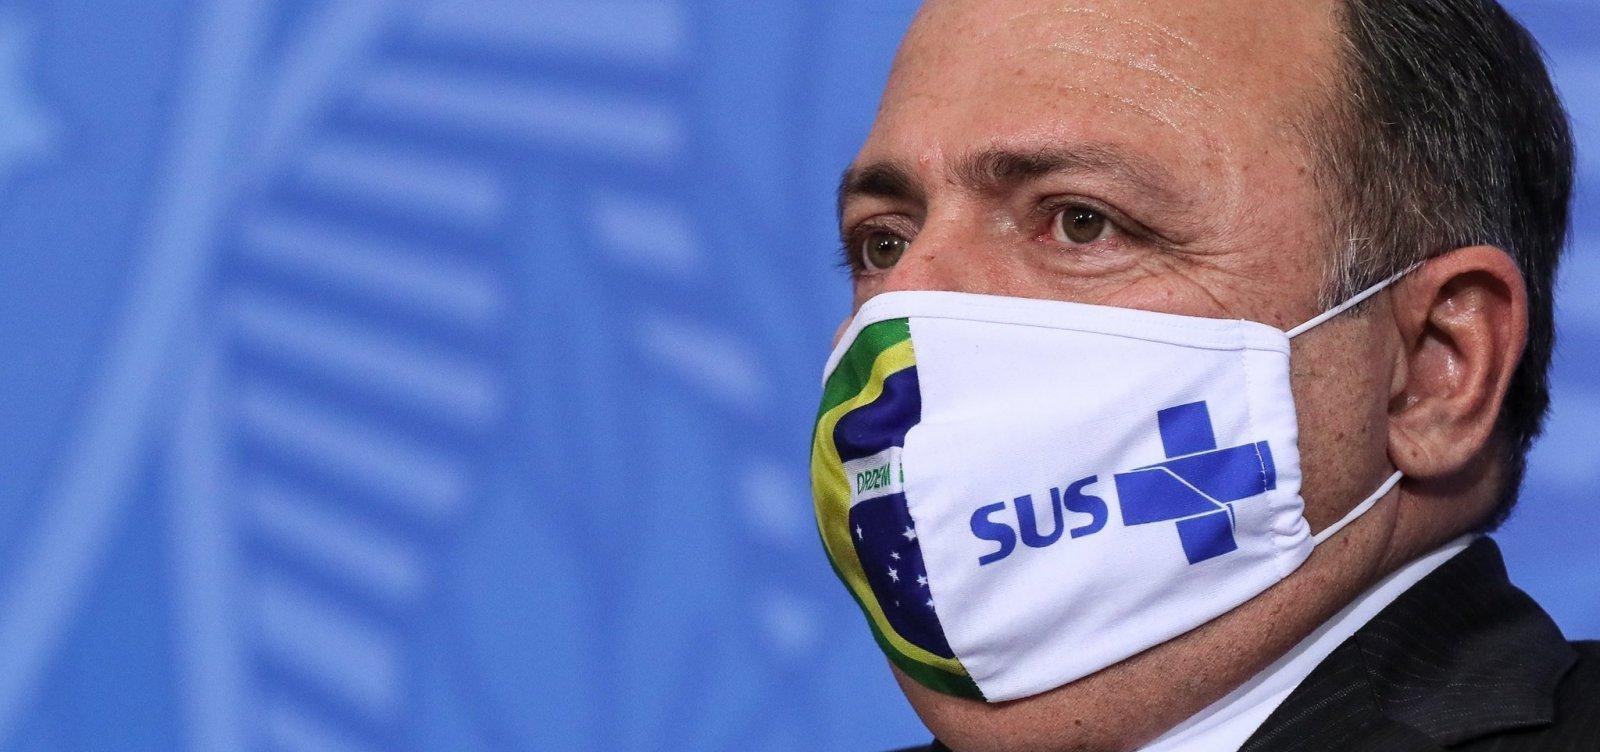 Diante do colapso em Manaus, PGR investiga ministro da Saúde